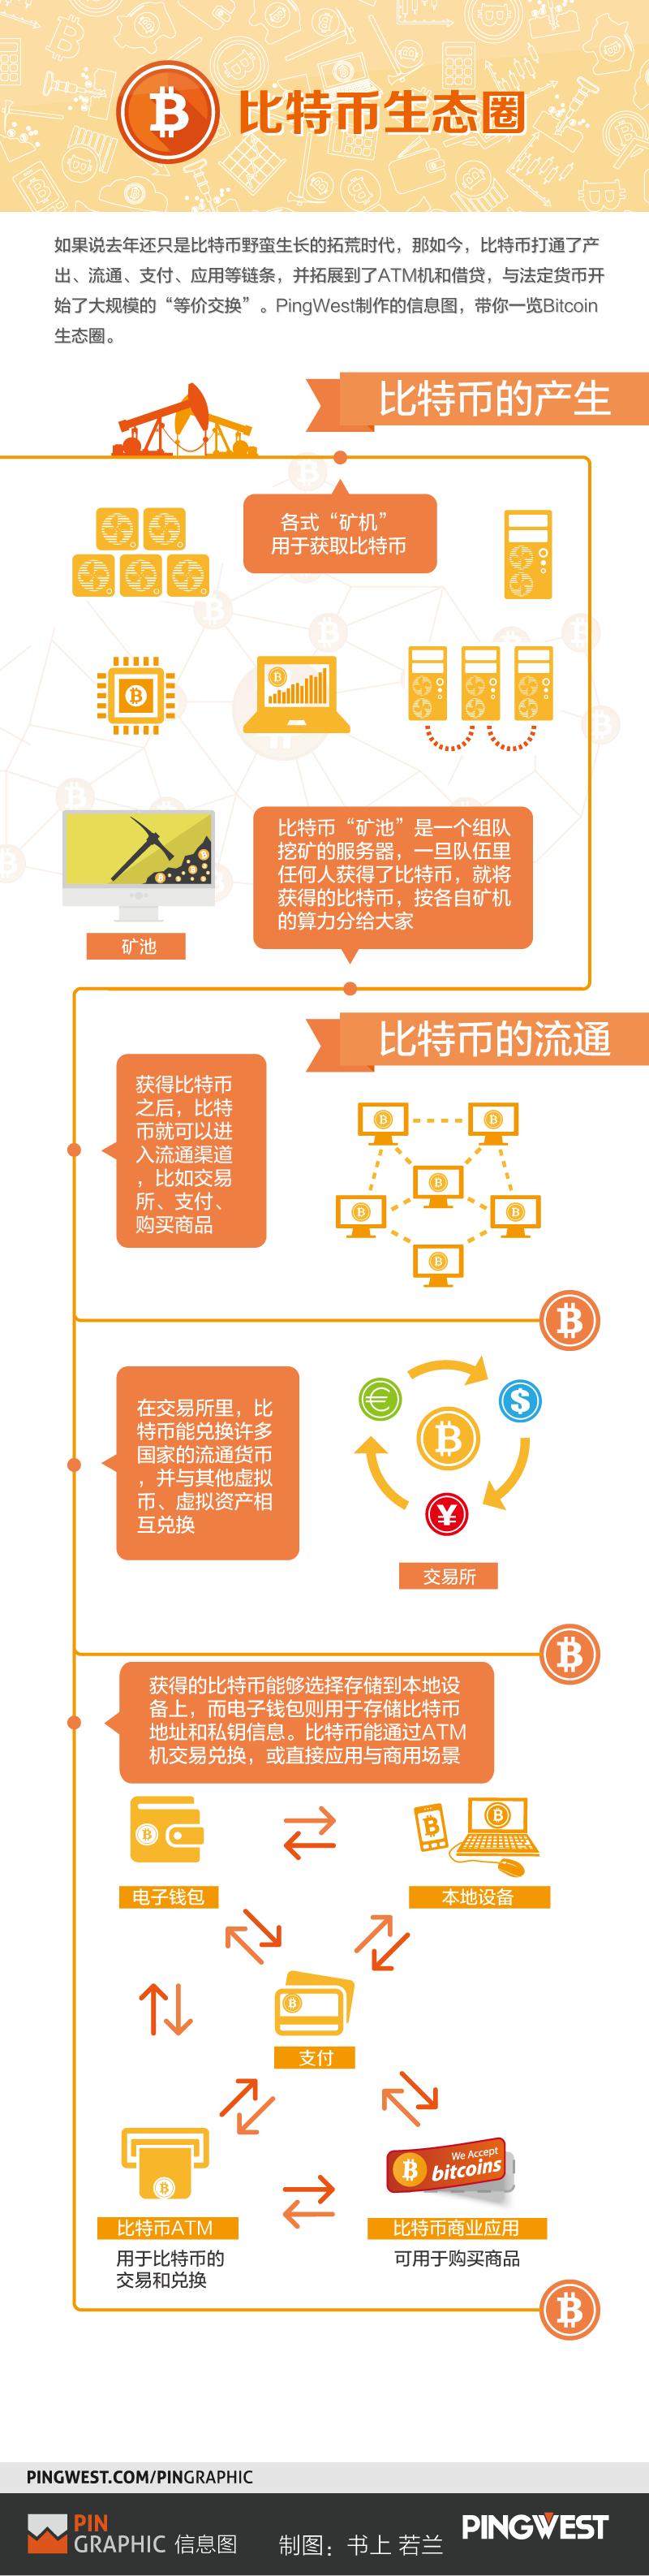 bitcoin-4-01